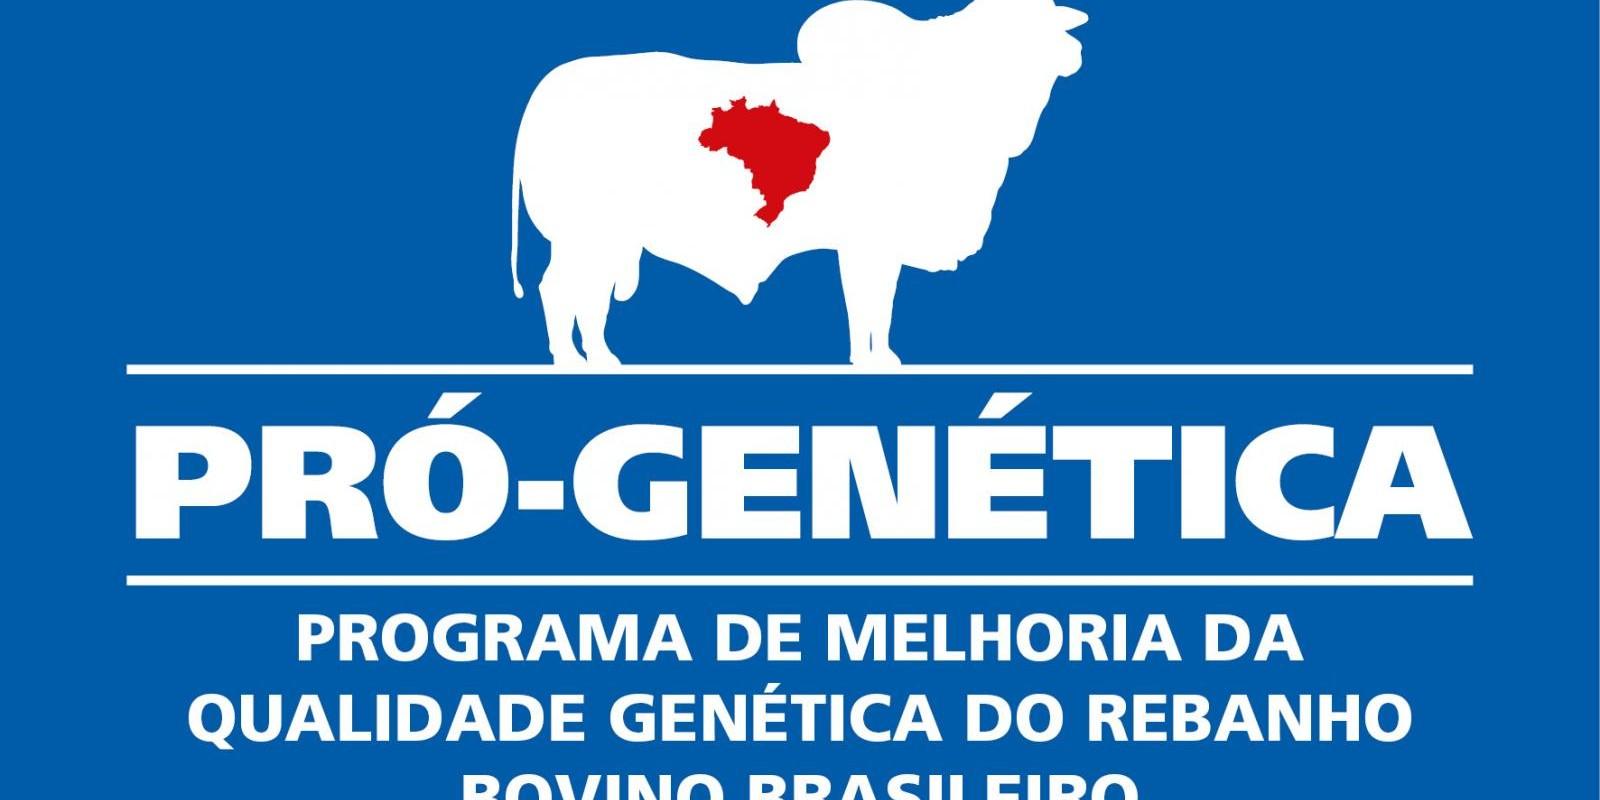 Feira do Pró-Genética facilita a compra de animais geneticamente melhorados